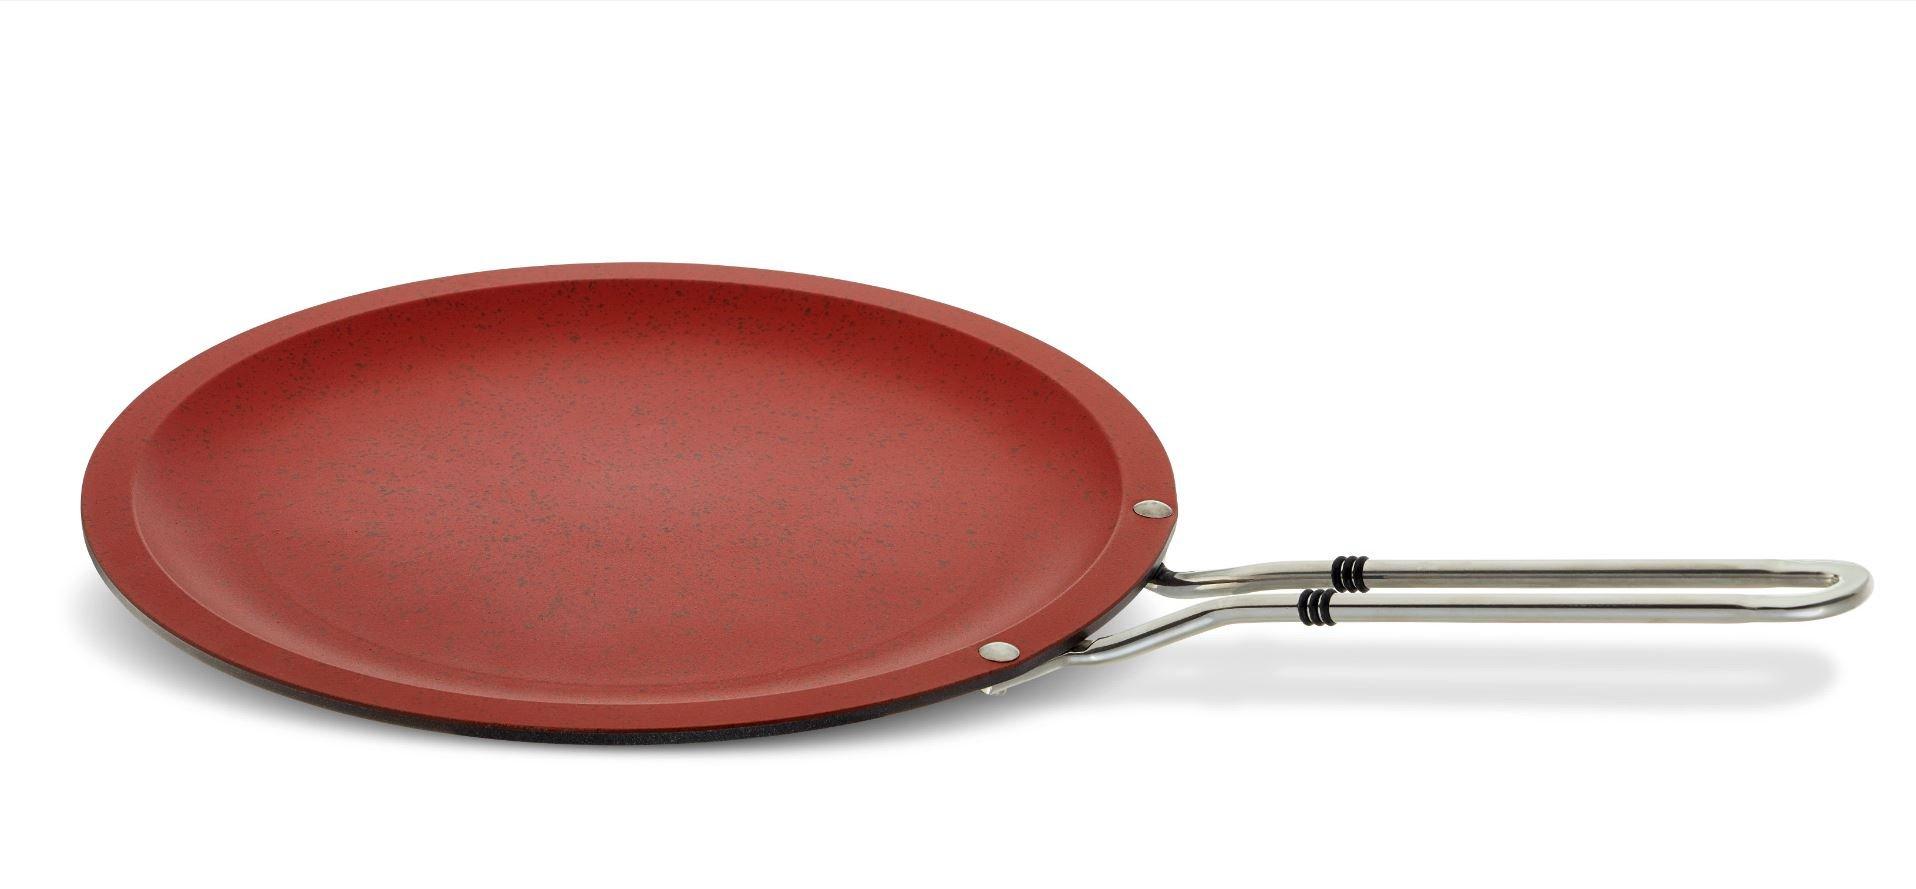 Fissler FISS-05638328100 Chef's Frying Pan, 11'', Metallic